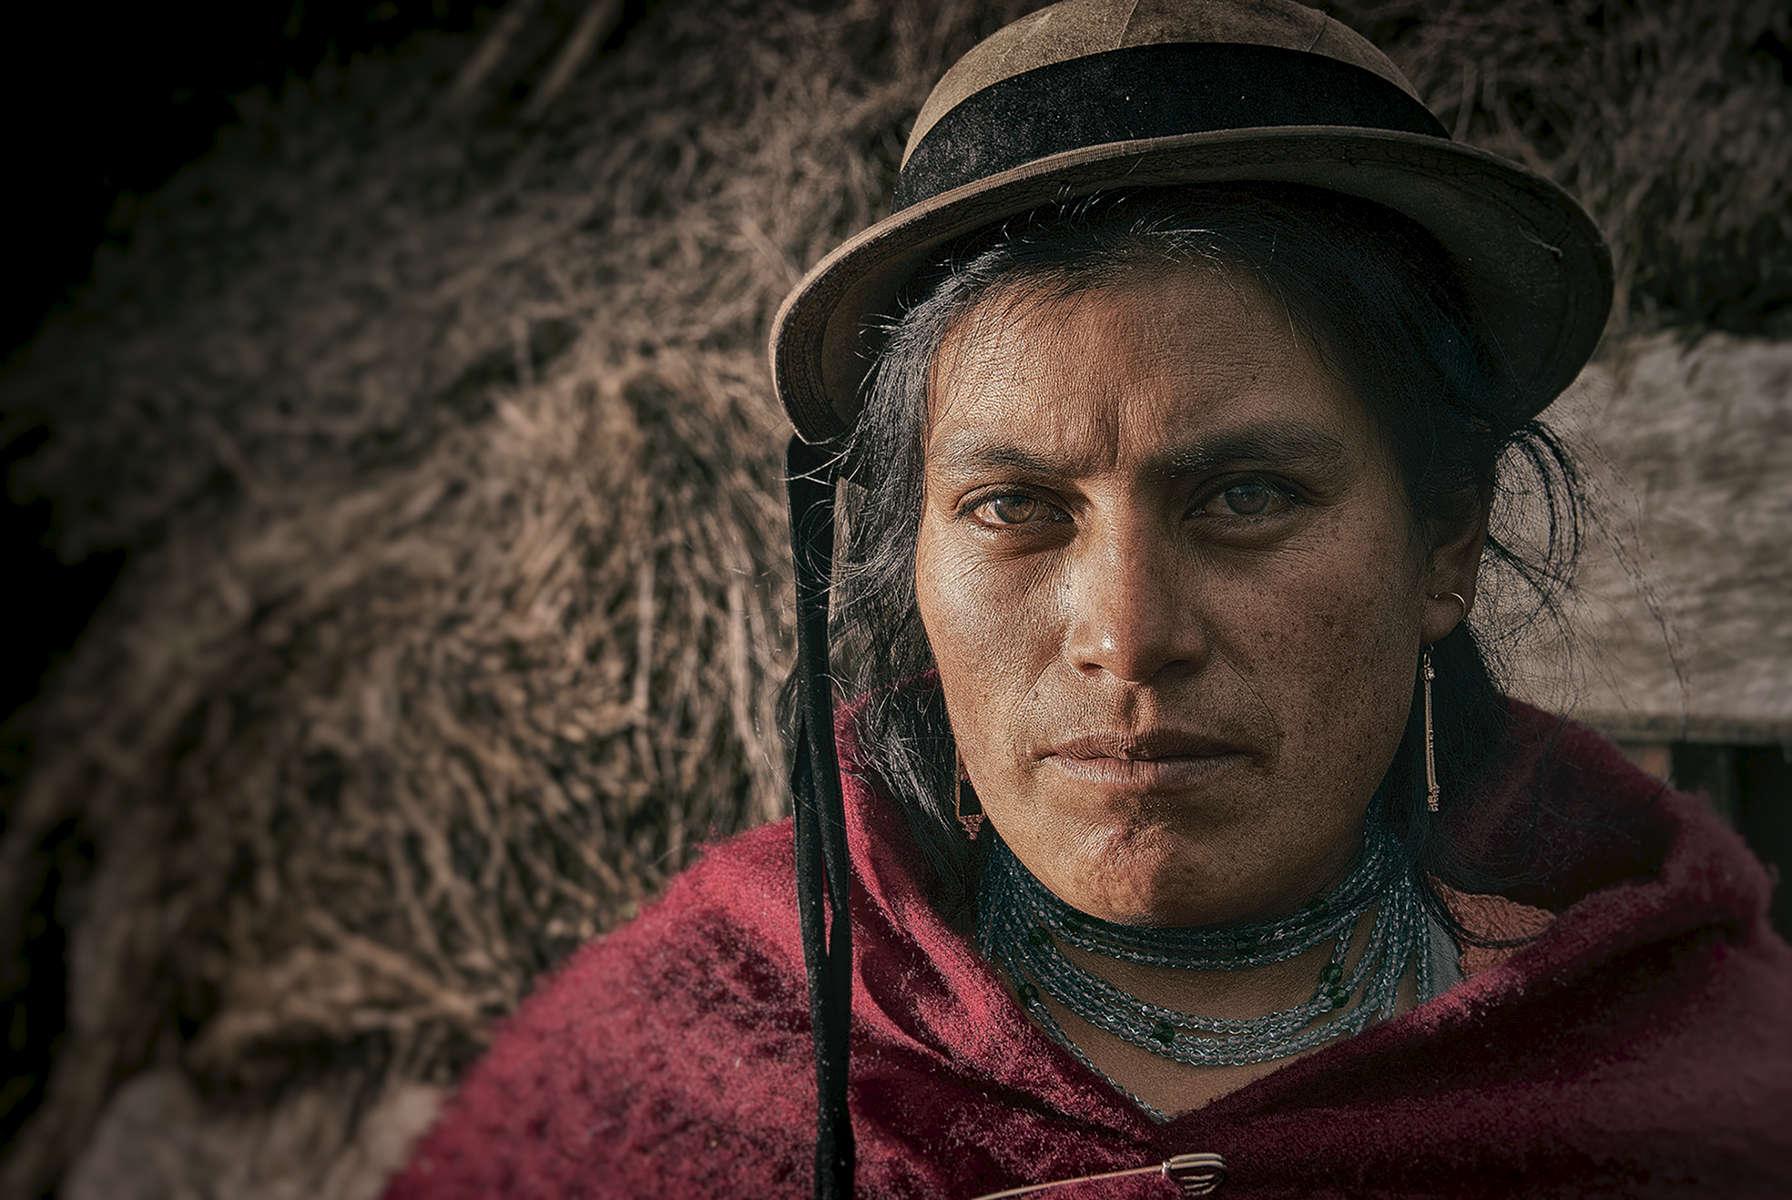 web-Indigena-chimborazo-res